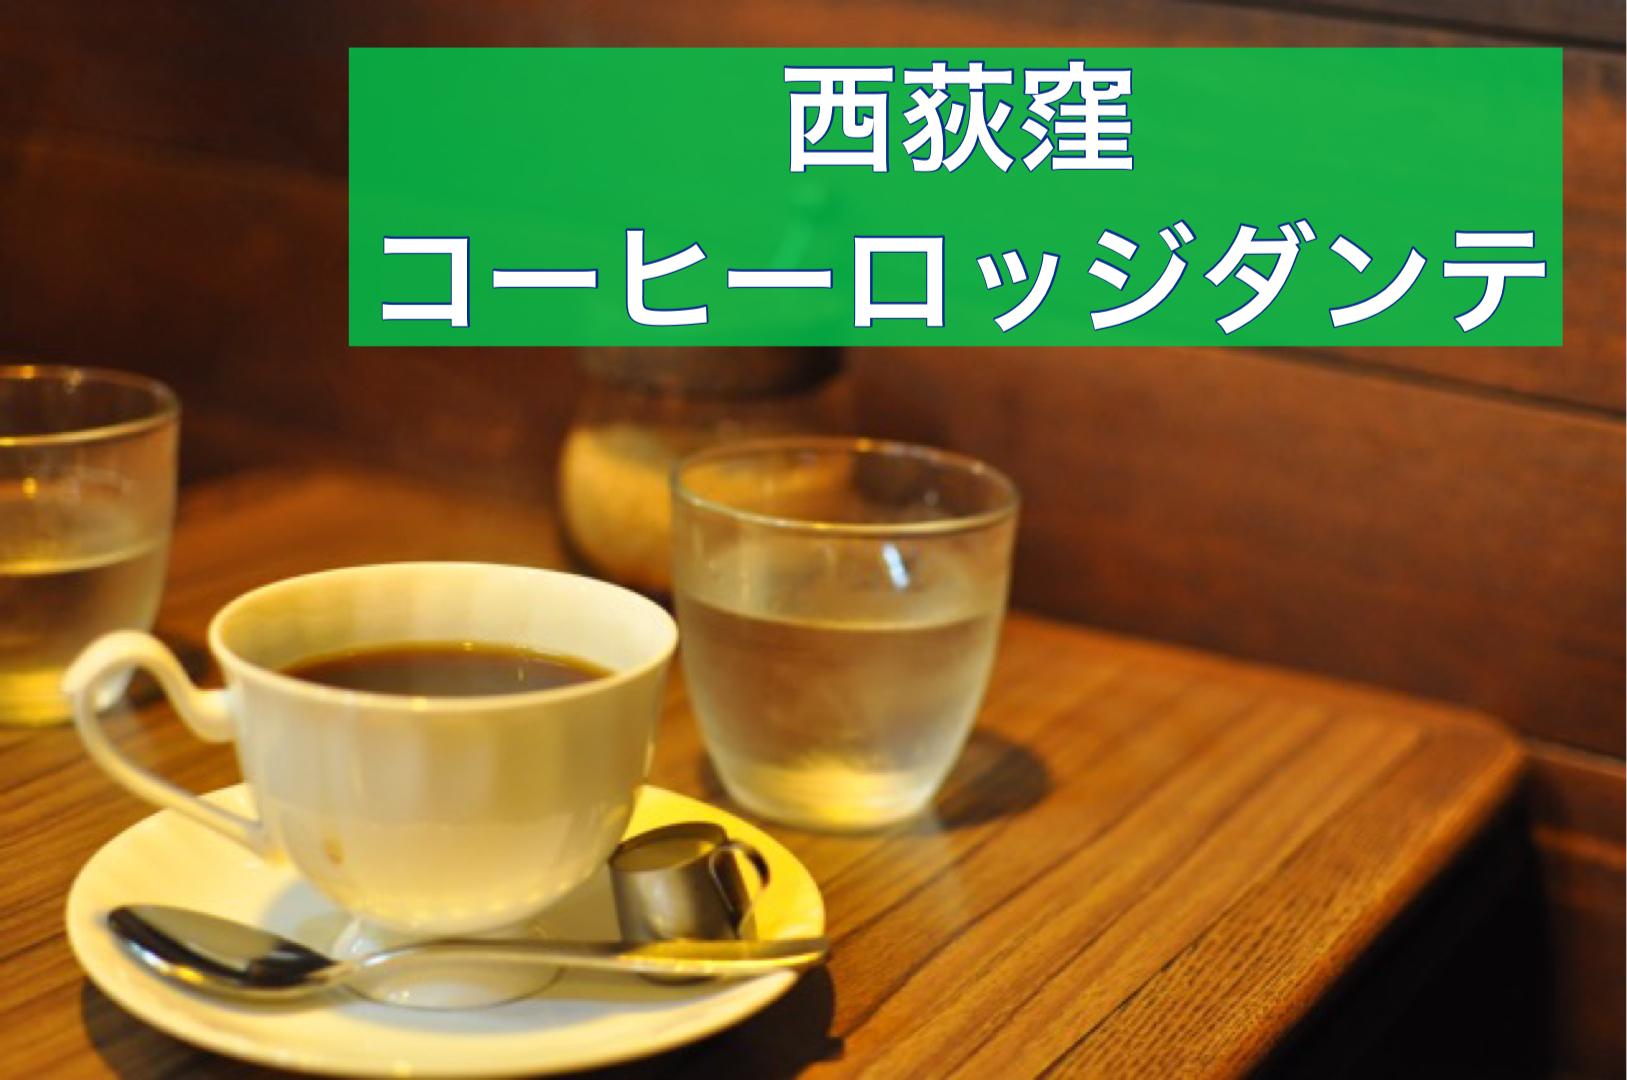 西荻窪 コーヒーロッジダンテ